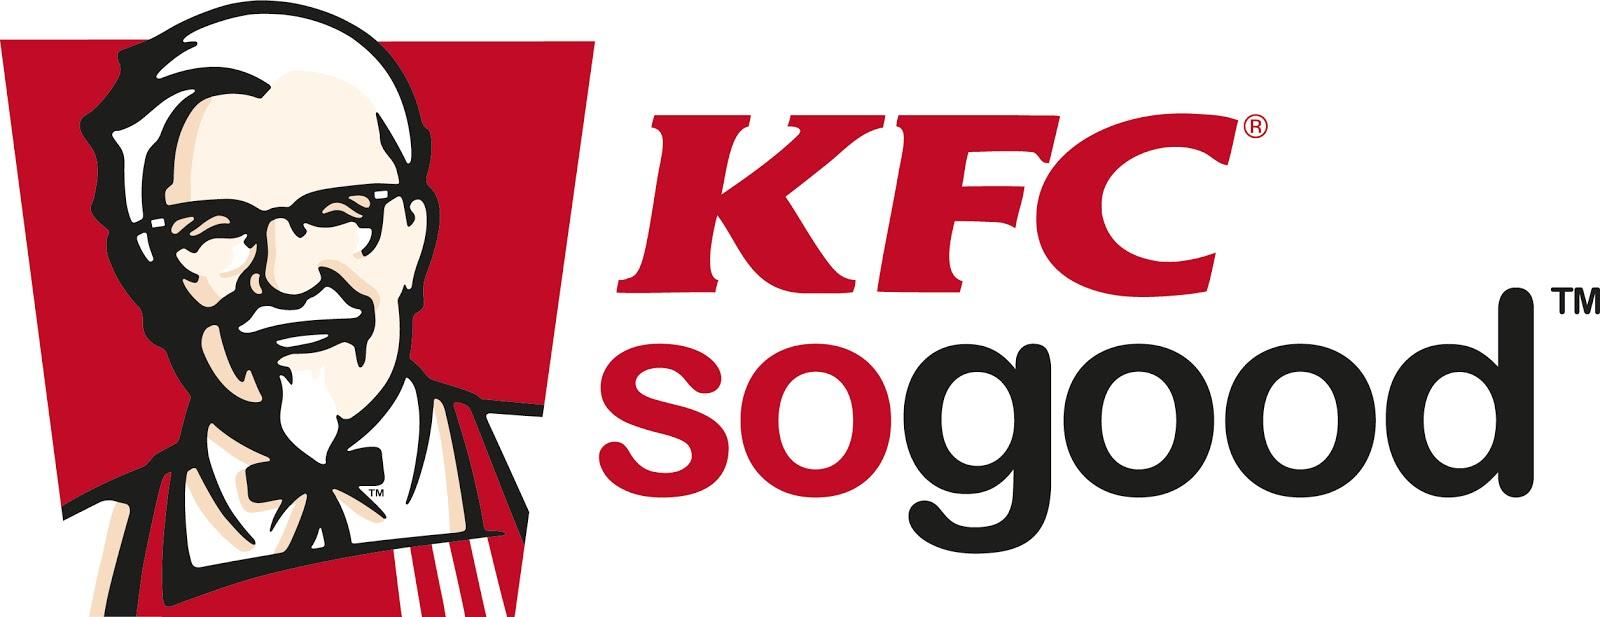 Kfc Logo: Kfc Logo Analysis Gallery